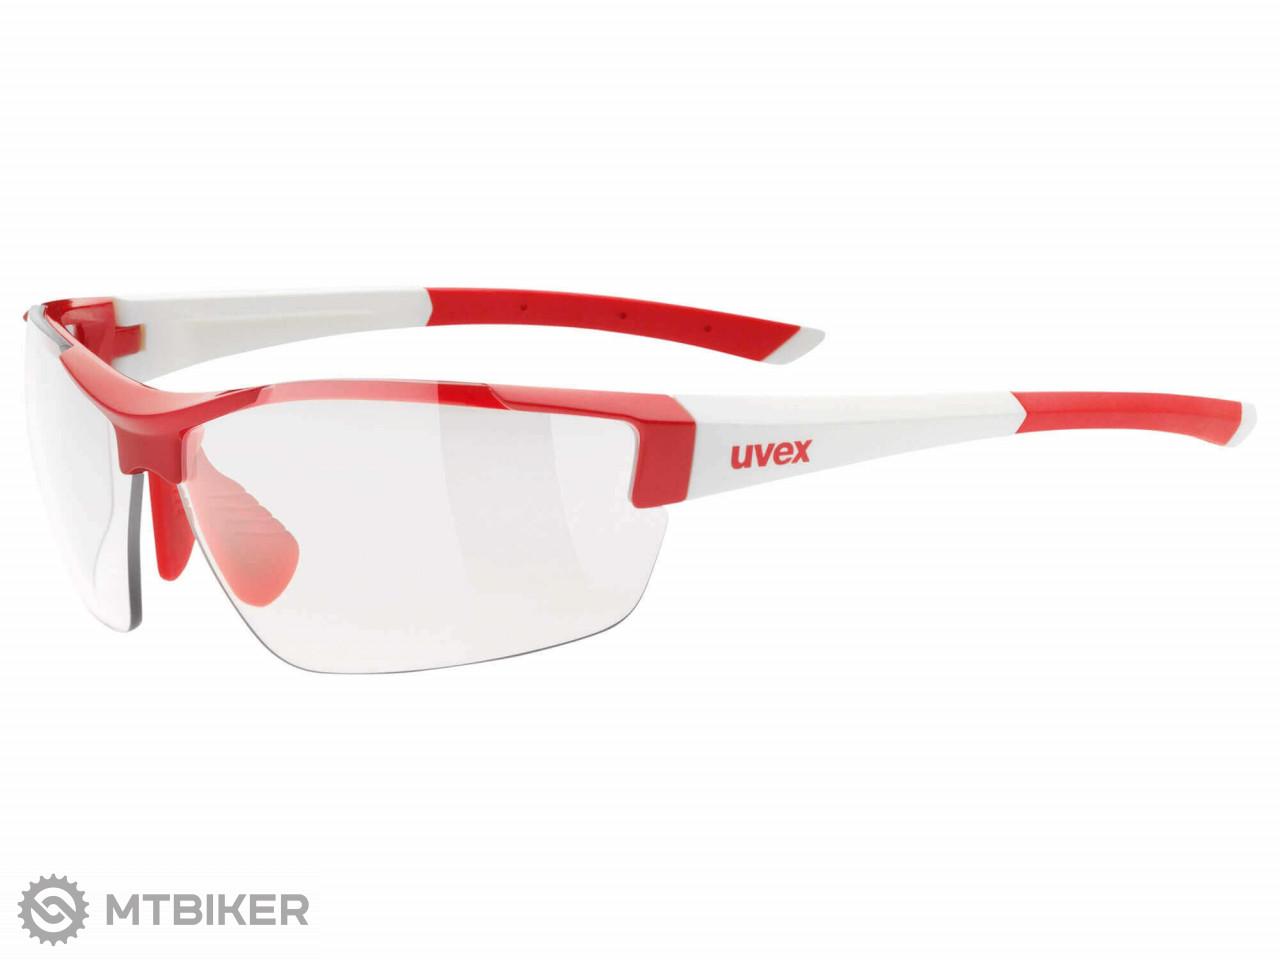 Uvex Photochromaticke - Príslušenstvo - Okuliare - Bazár MTBIKER 6d22e23d012